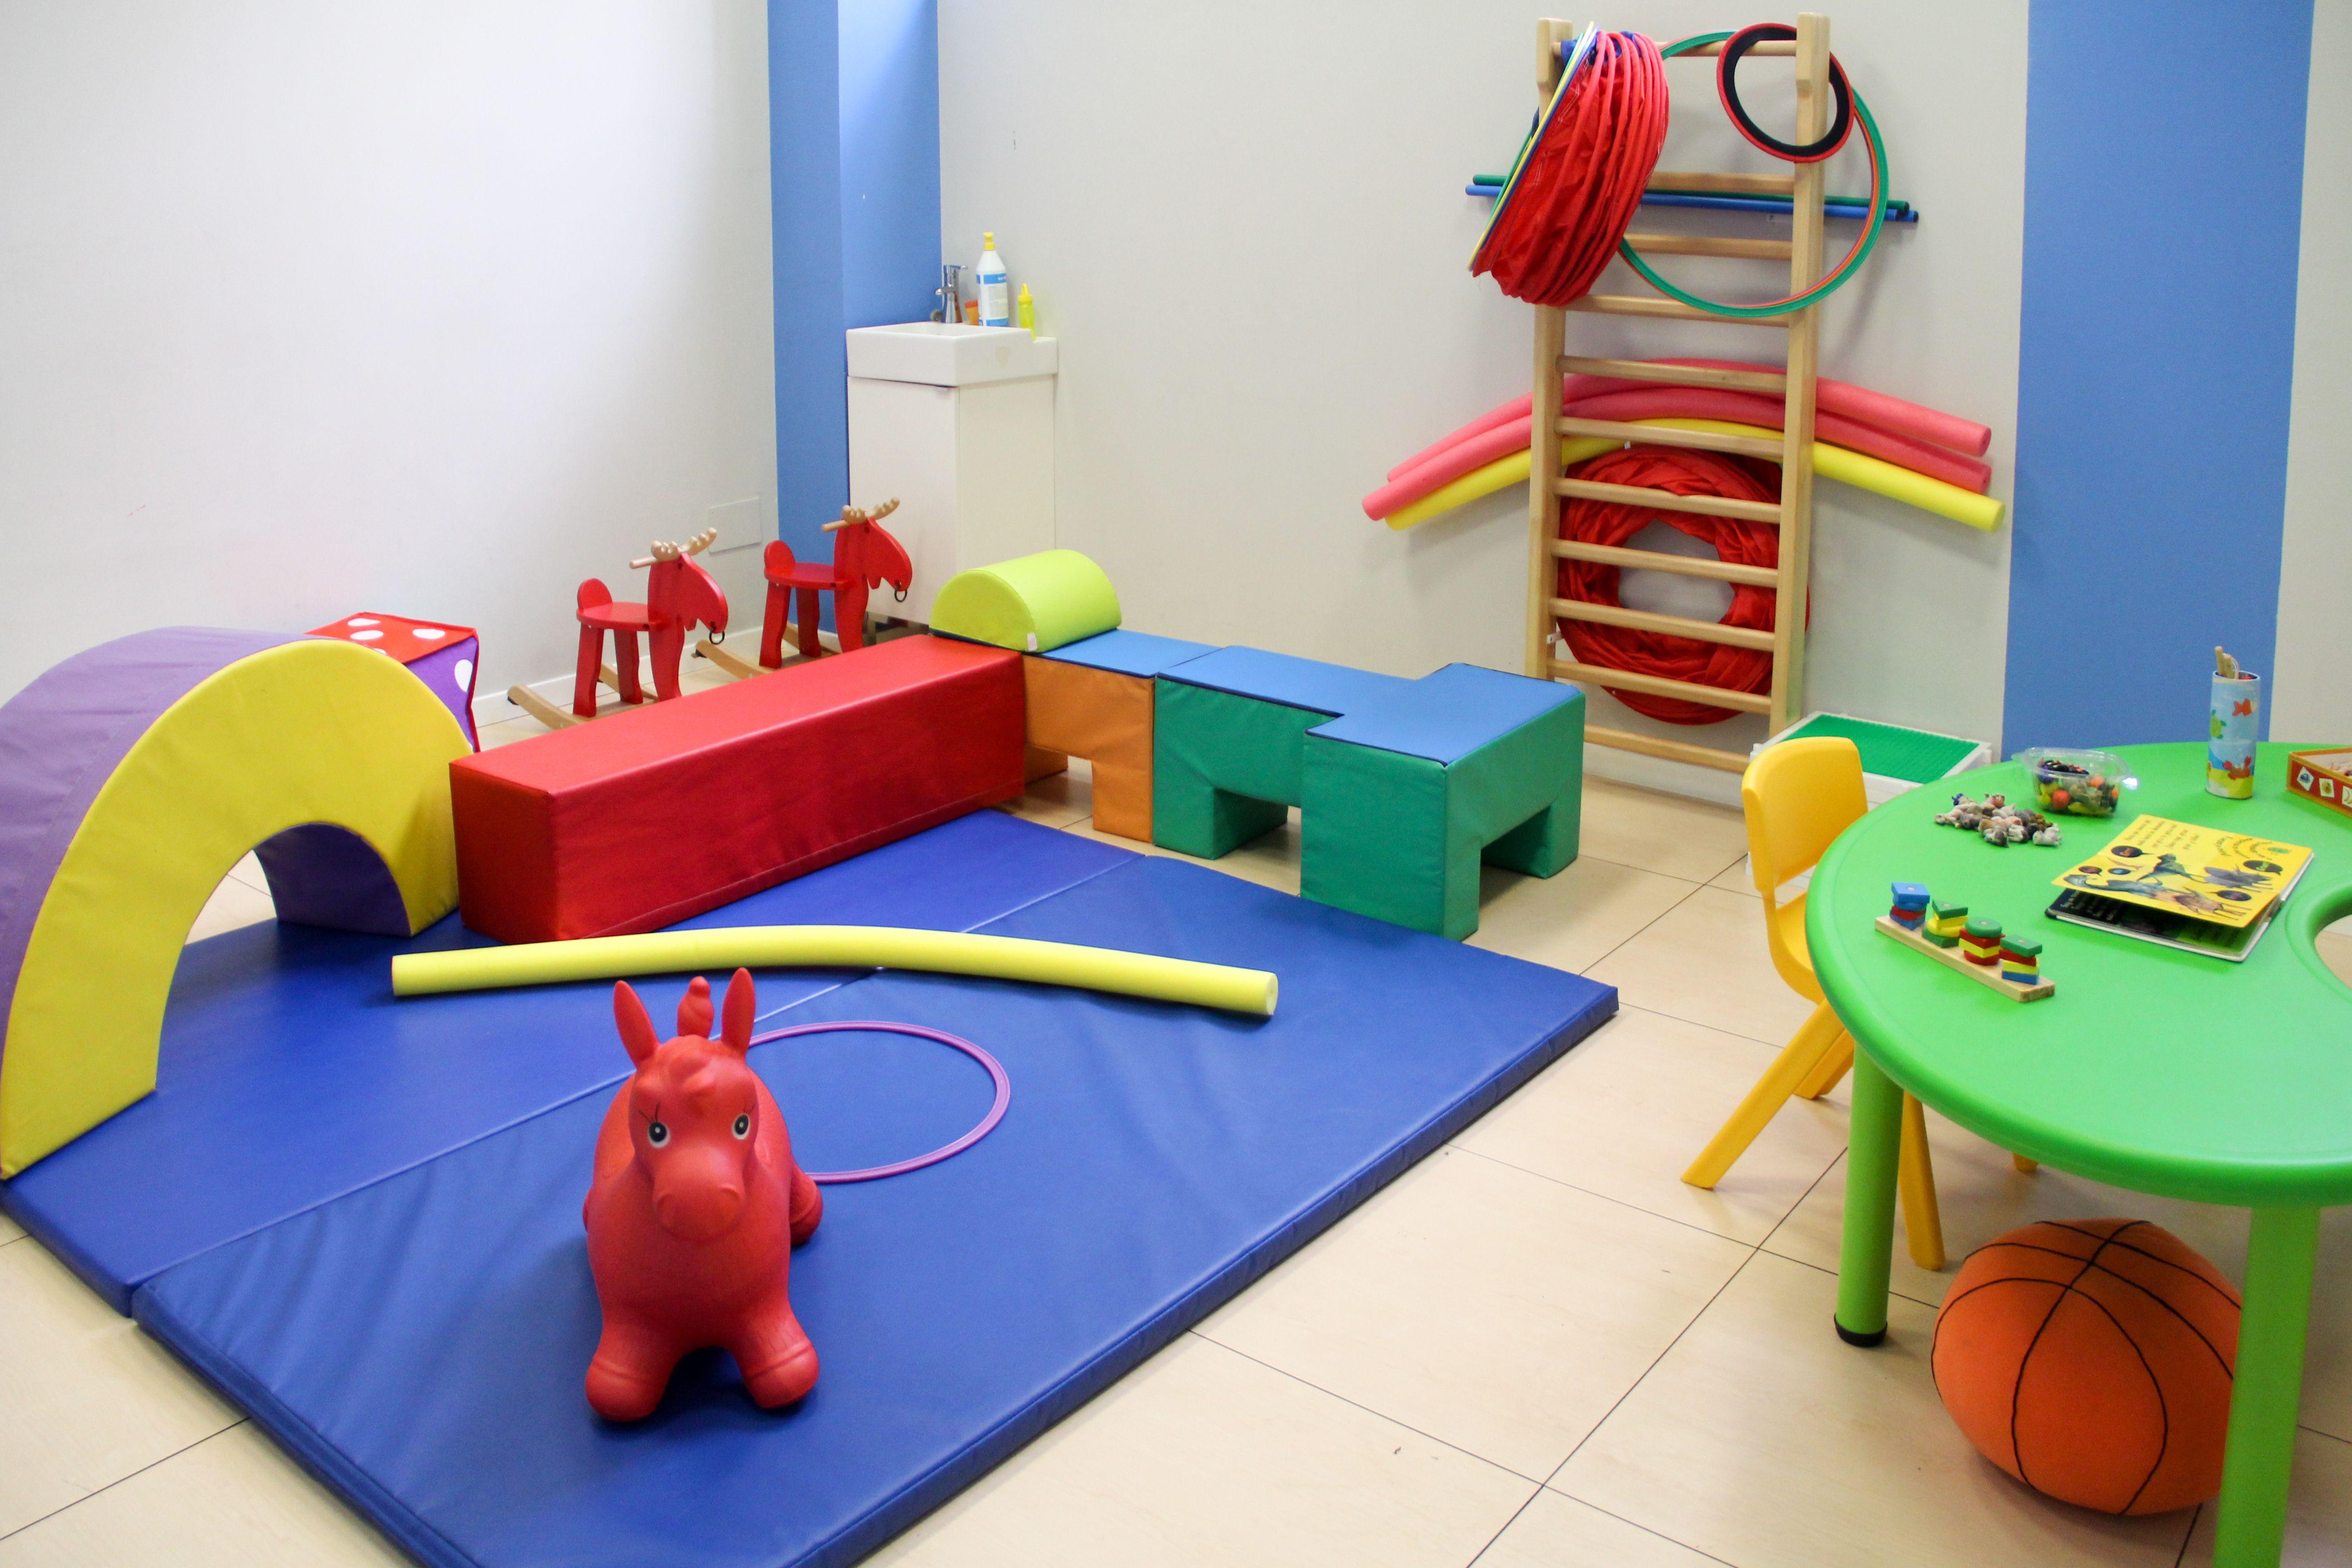 Los grandes beneficiados de estas sesiones son los niños. Centro Altea